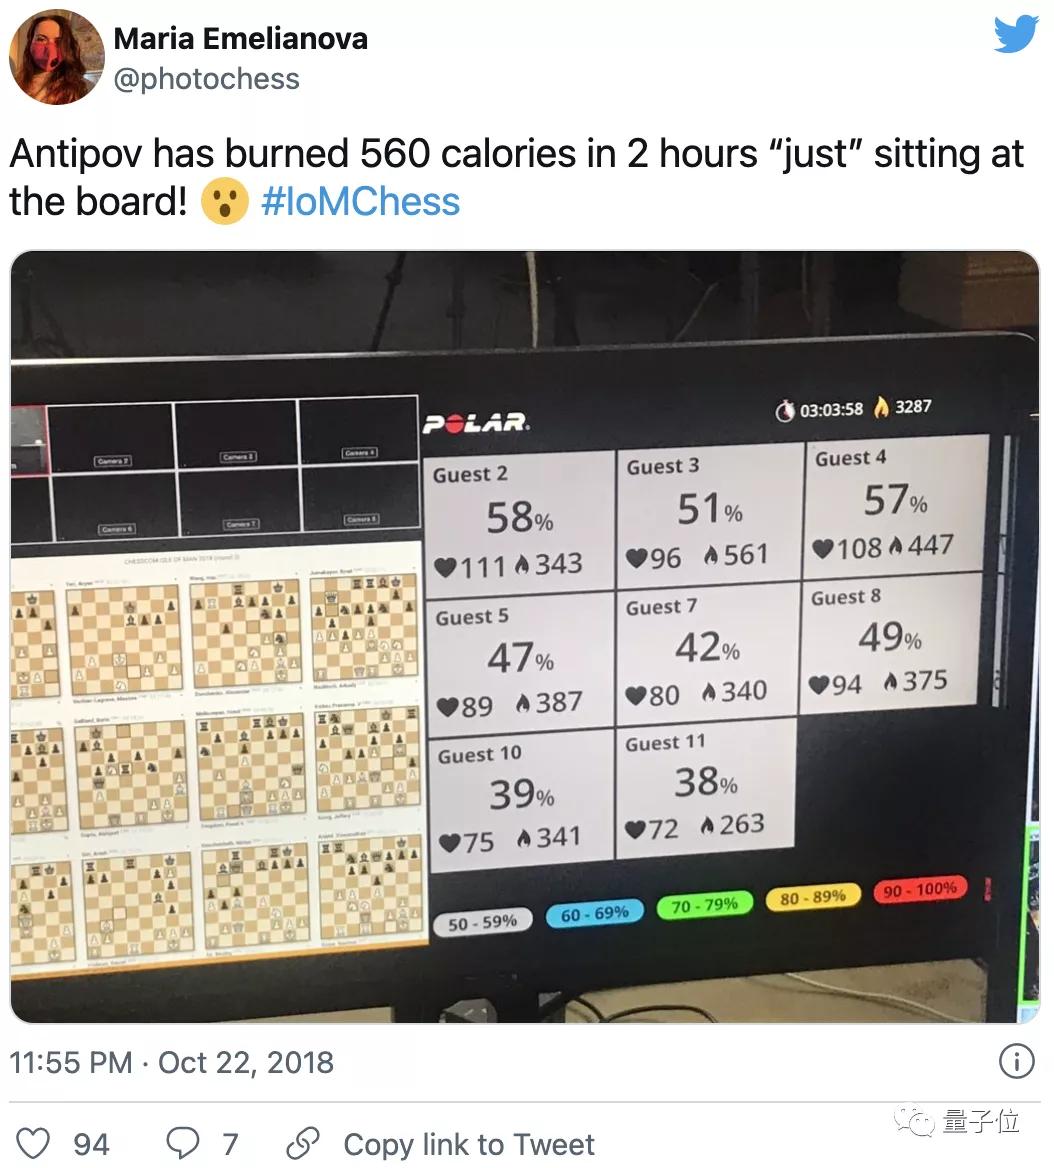 坐着打游戏也能减肥?1小时=200千卡,竞技、解谜游戏效果更佳